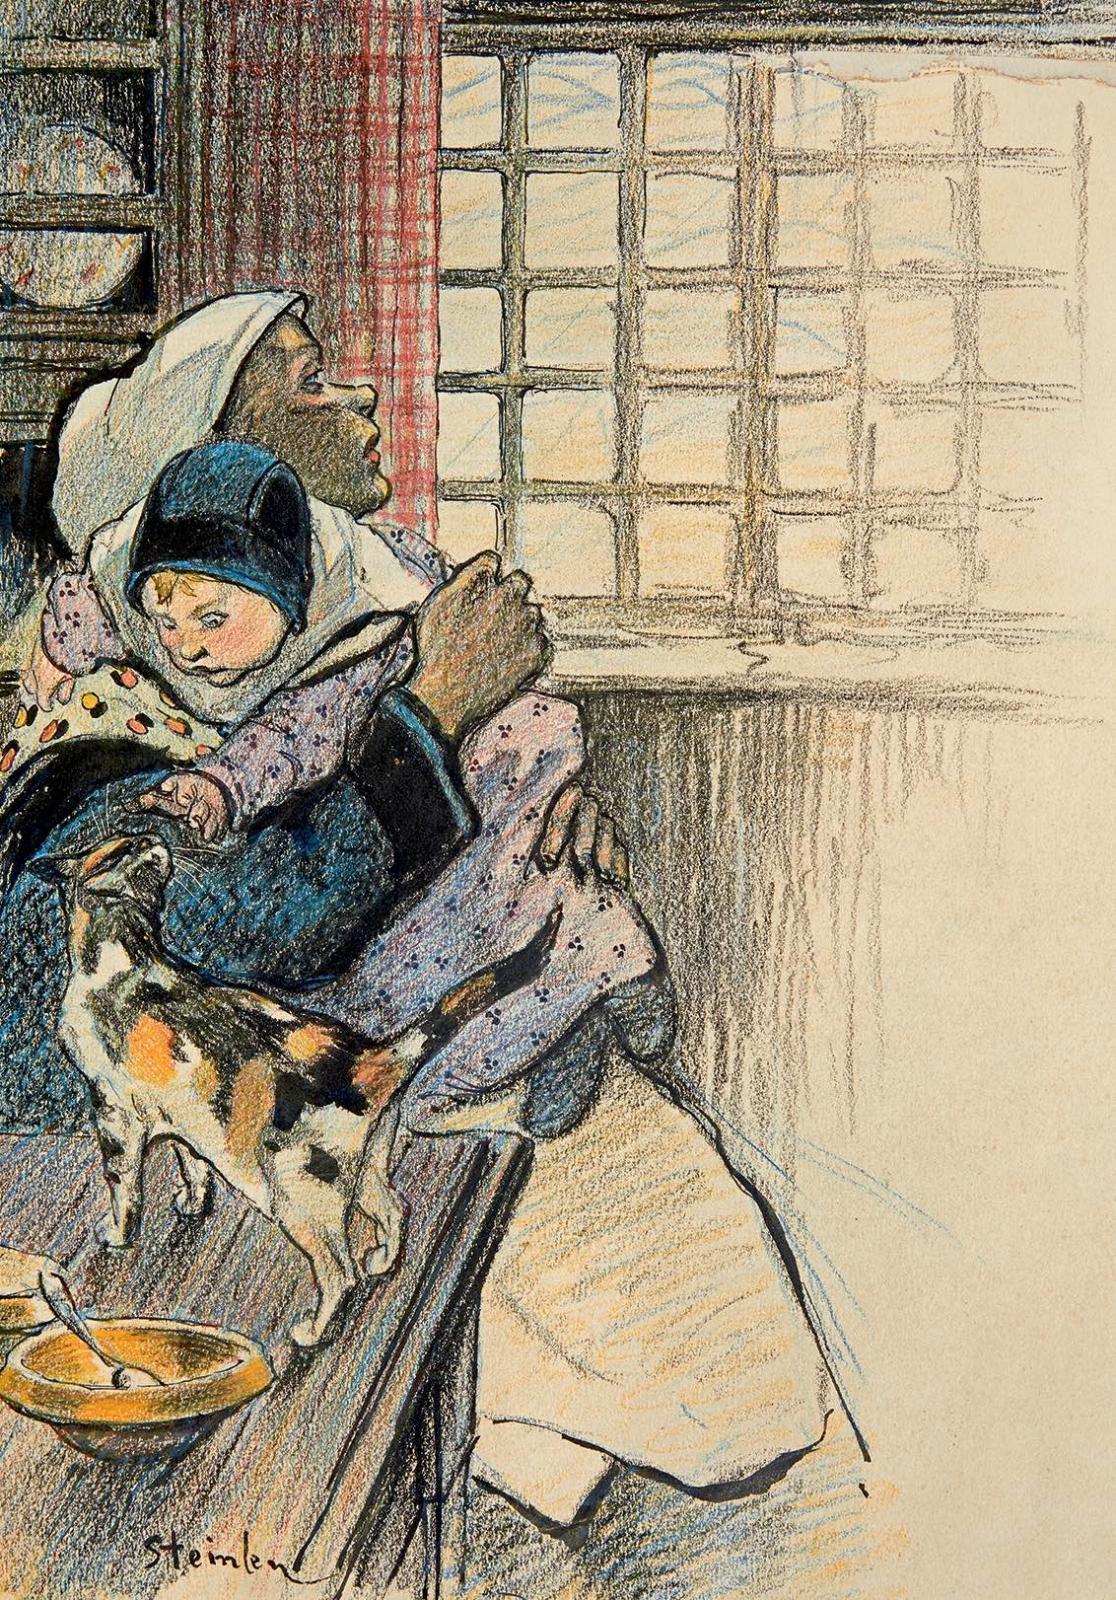 Dessin original pour la berceuse « Femme de chagrin », poésie de Léon Durocher, musique de Désiré Dihau.Paru dans le Gil Blas illustré, le